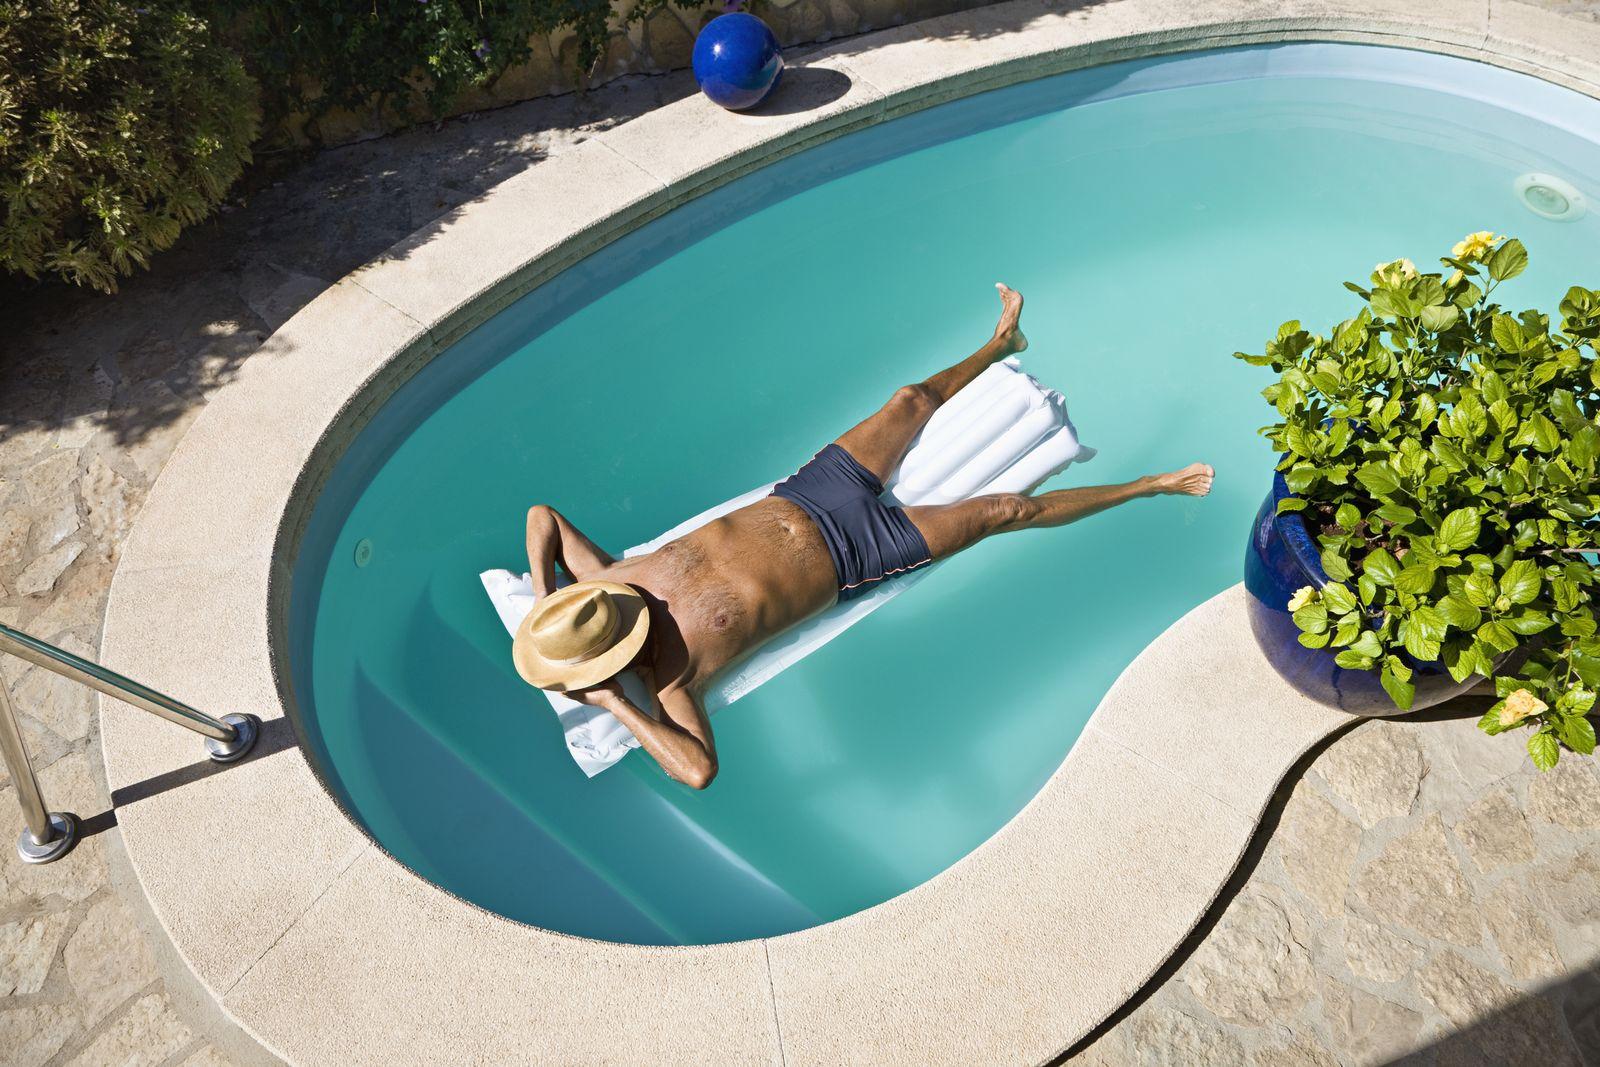 NICHT MEHR VERWENDEN! - Rentner im Pool / Altersvorsorge / Luxus